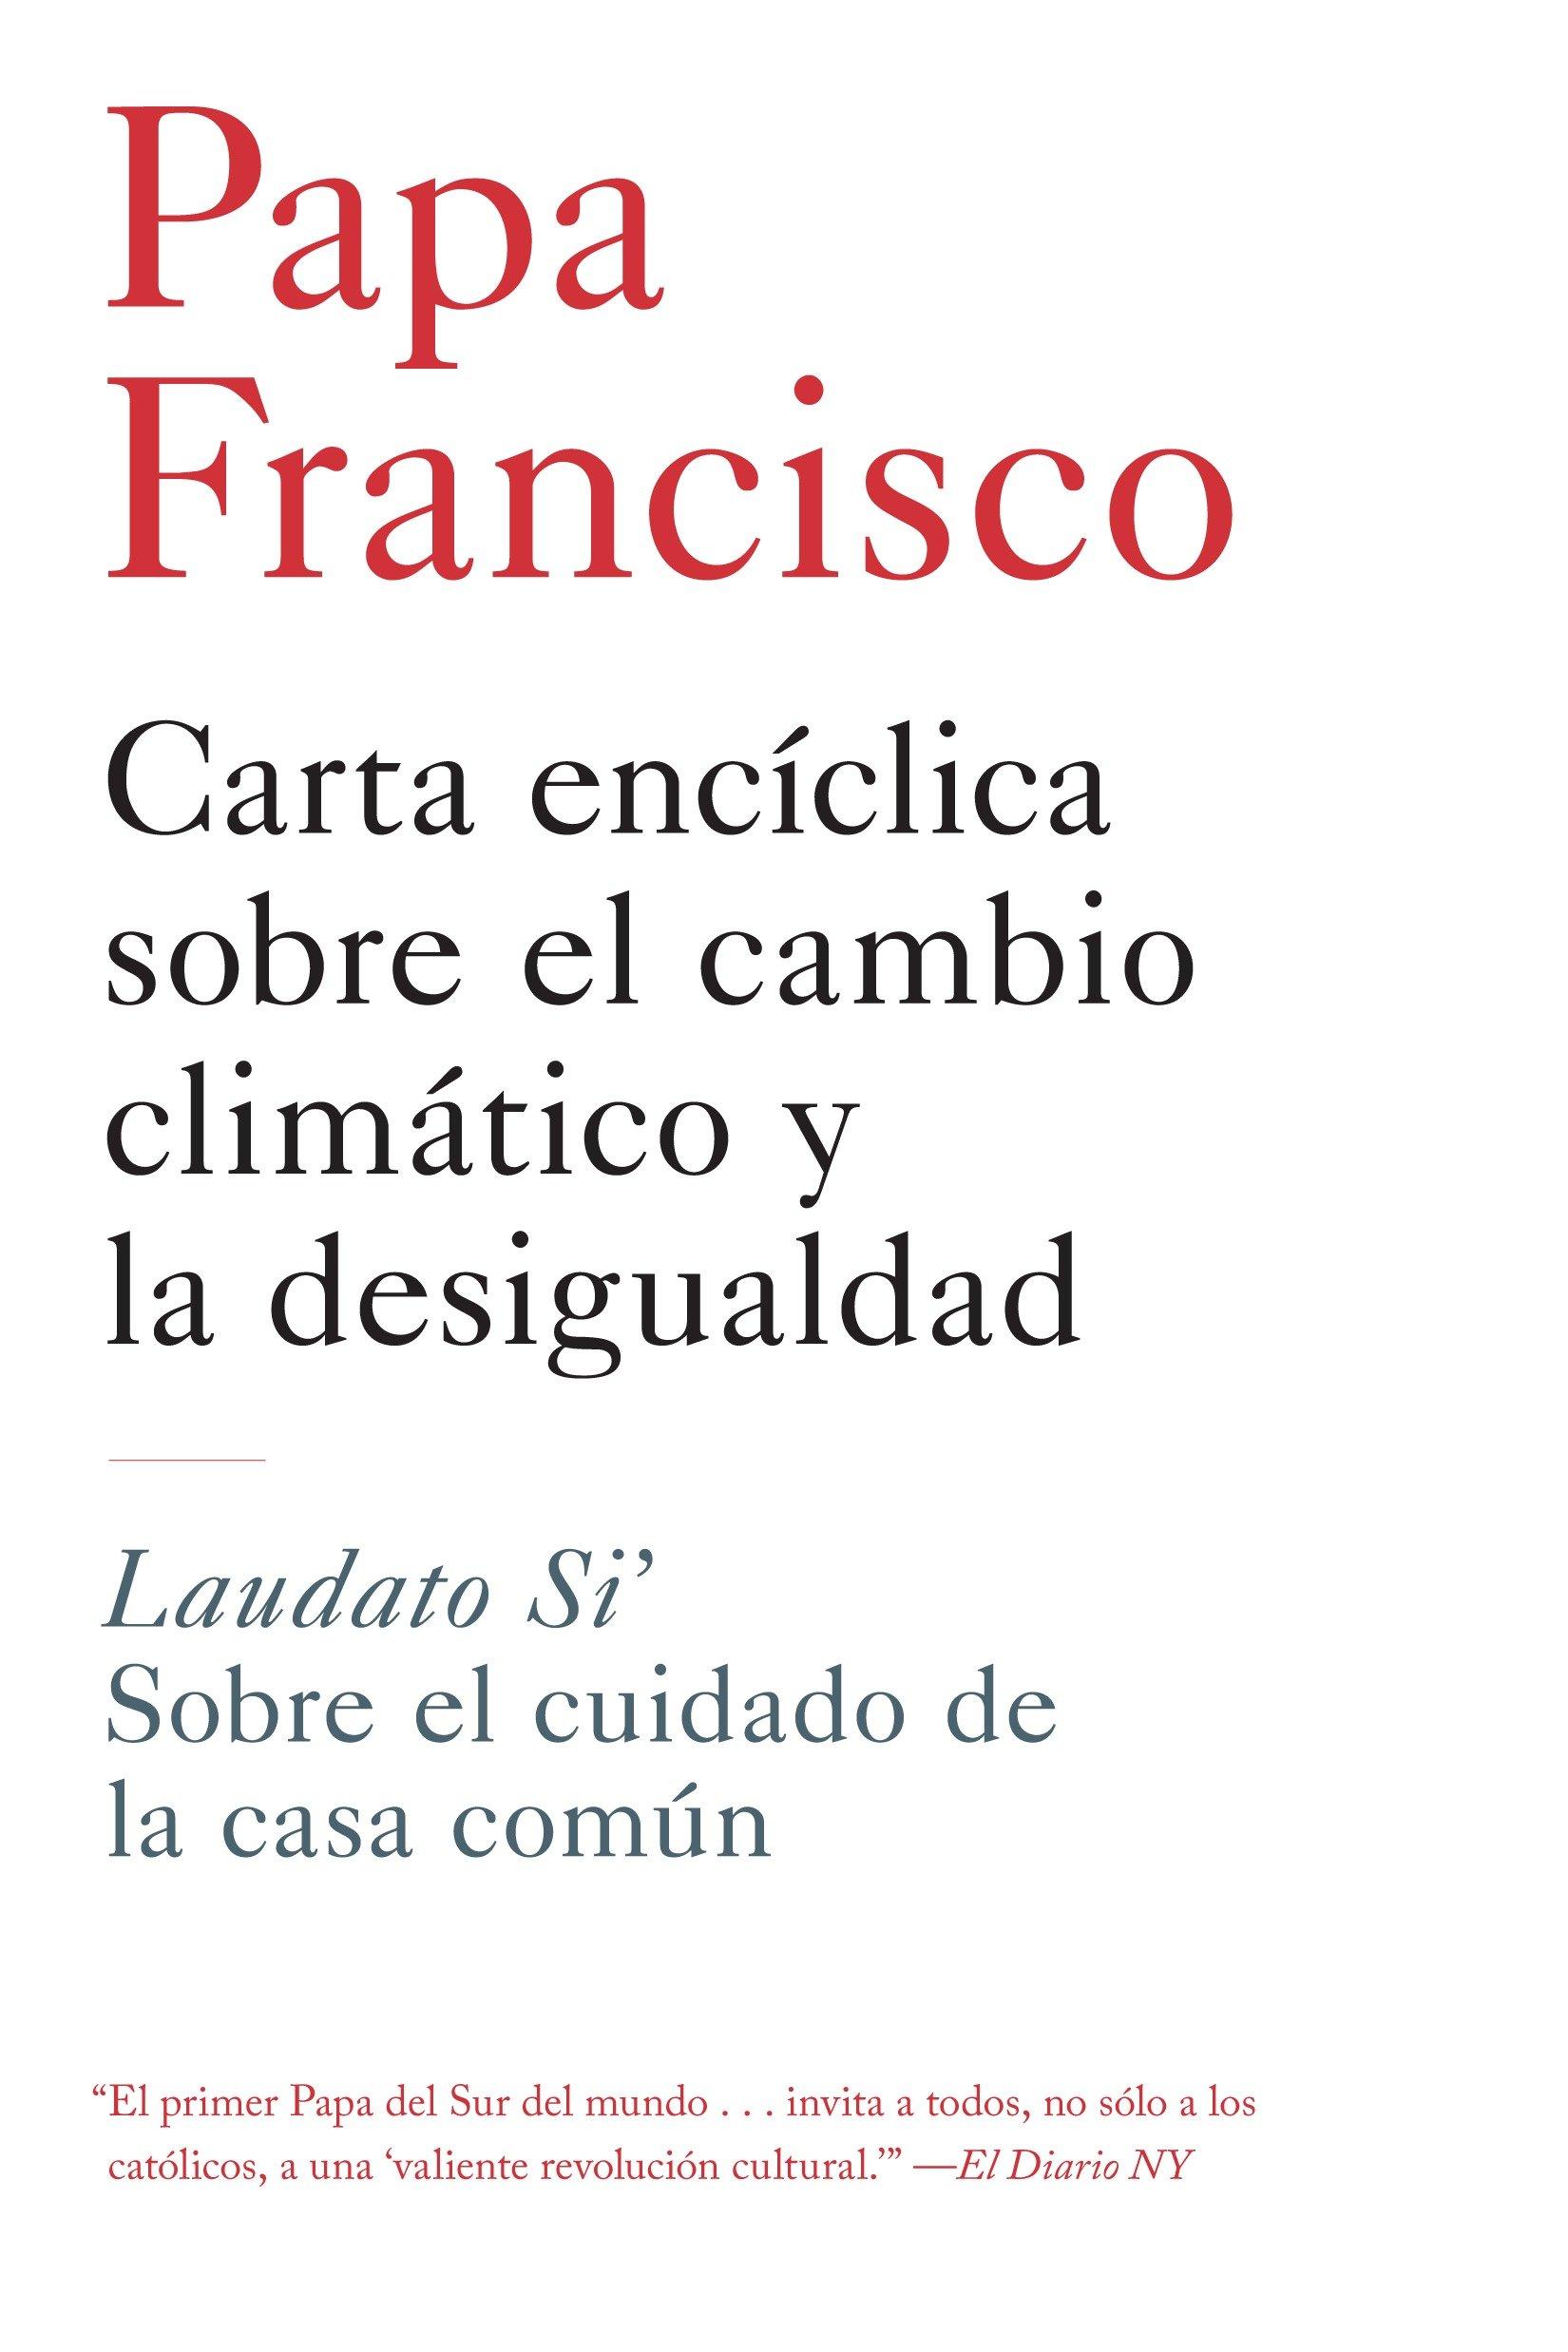 Carta enciclica sobre el cambio climatico y la desigualdad